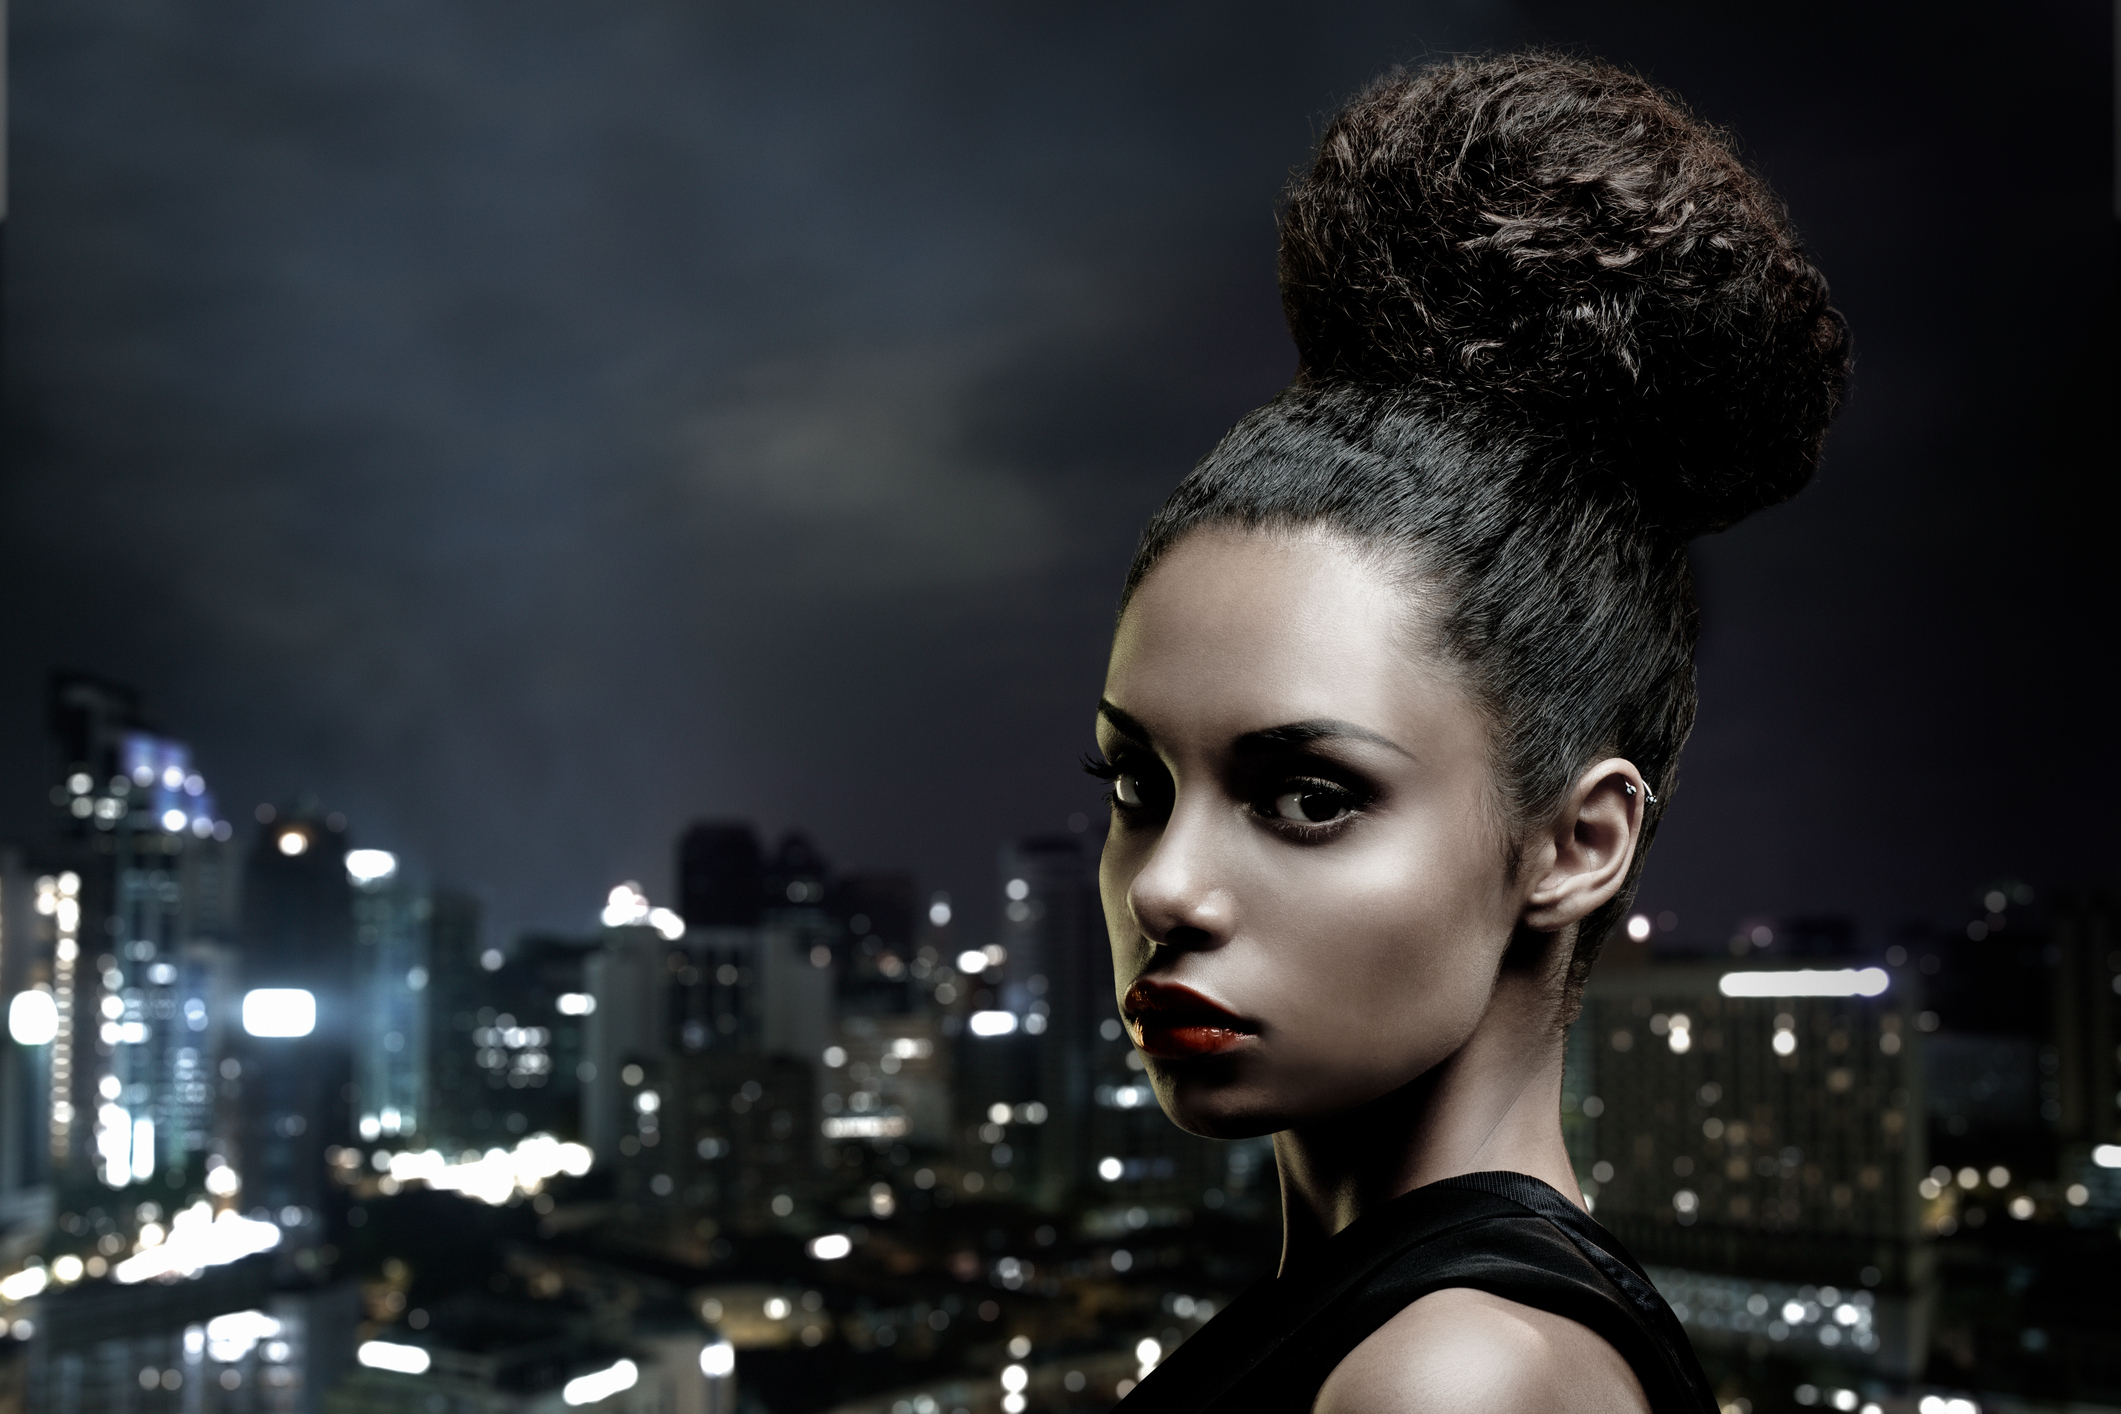 coque 12 - Todo tipo de coque! Inspire-se nas mais diferentes formas de usar esse penteado mega versátil!